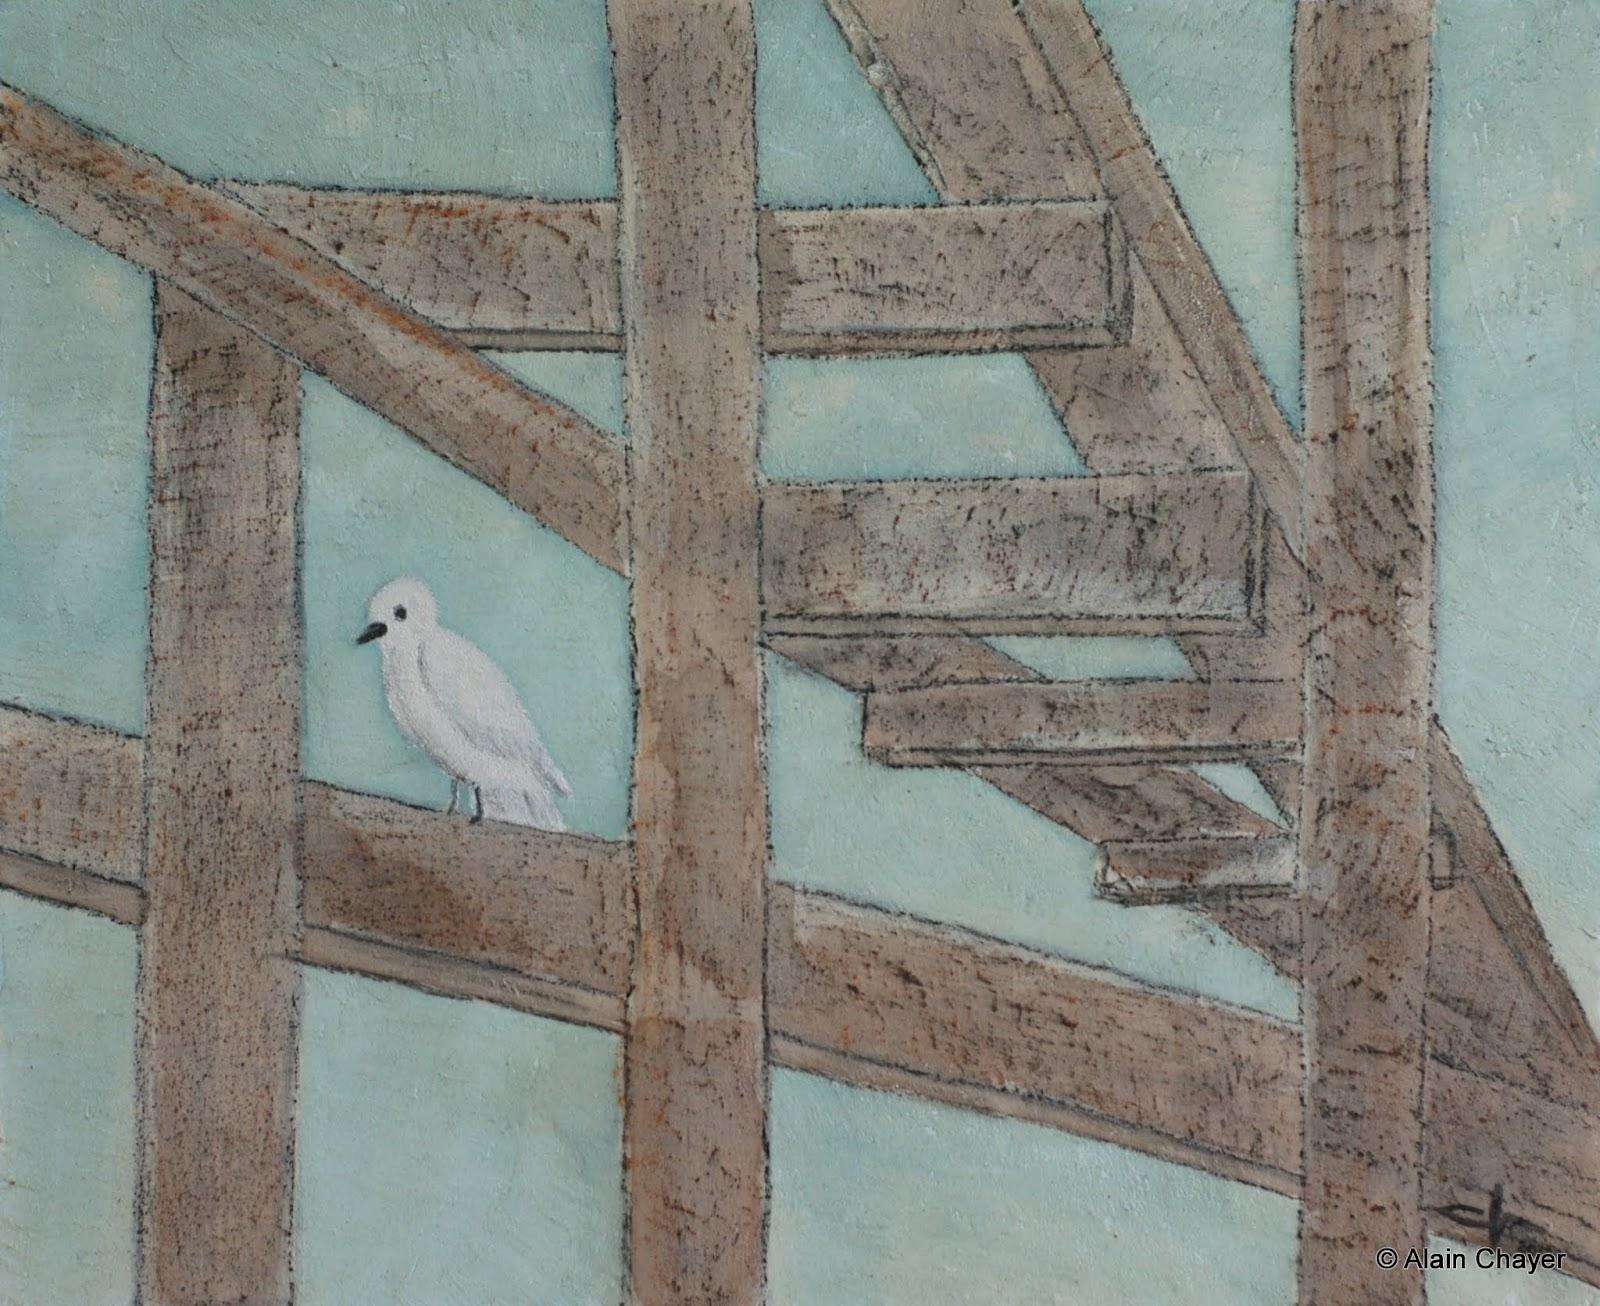 242 - Pax - 2013 - 73 x 60 - Acrylique, aquarelle et sable sur toile